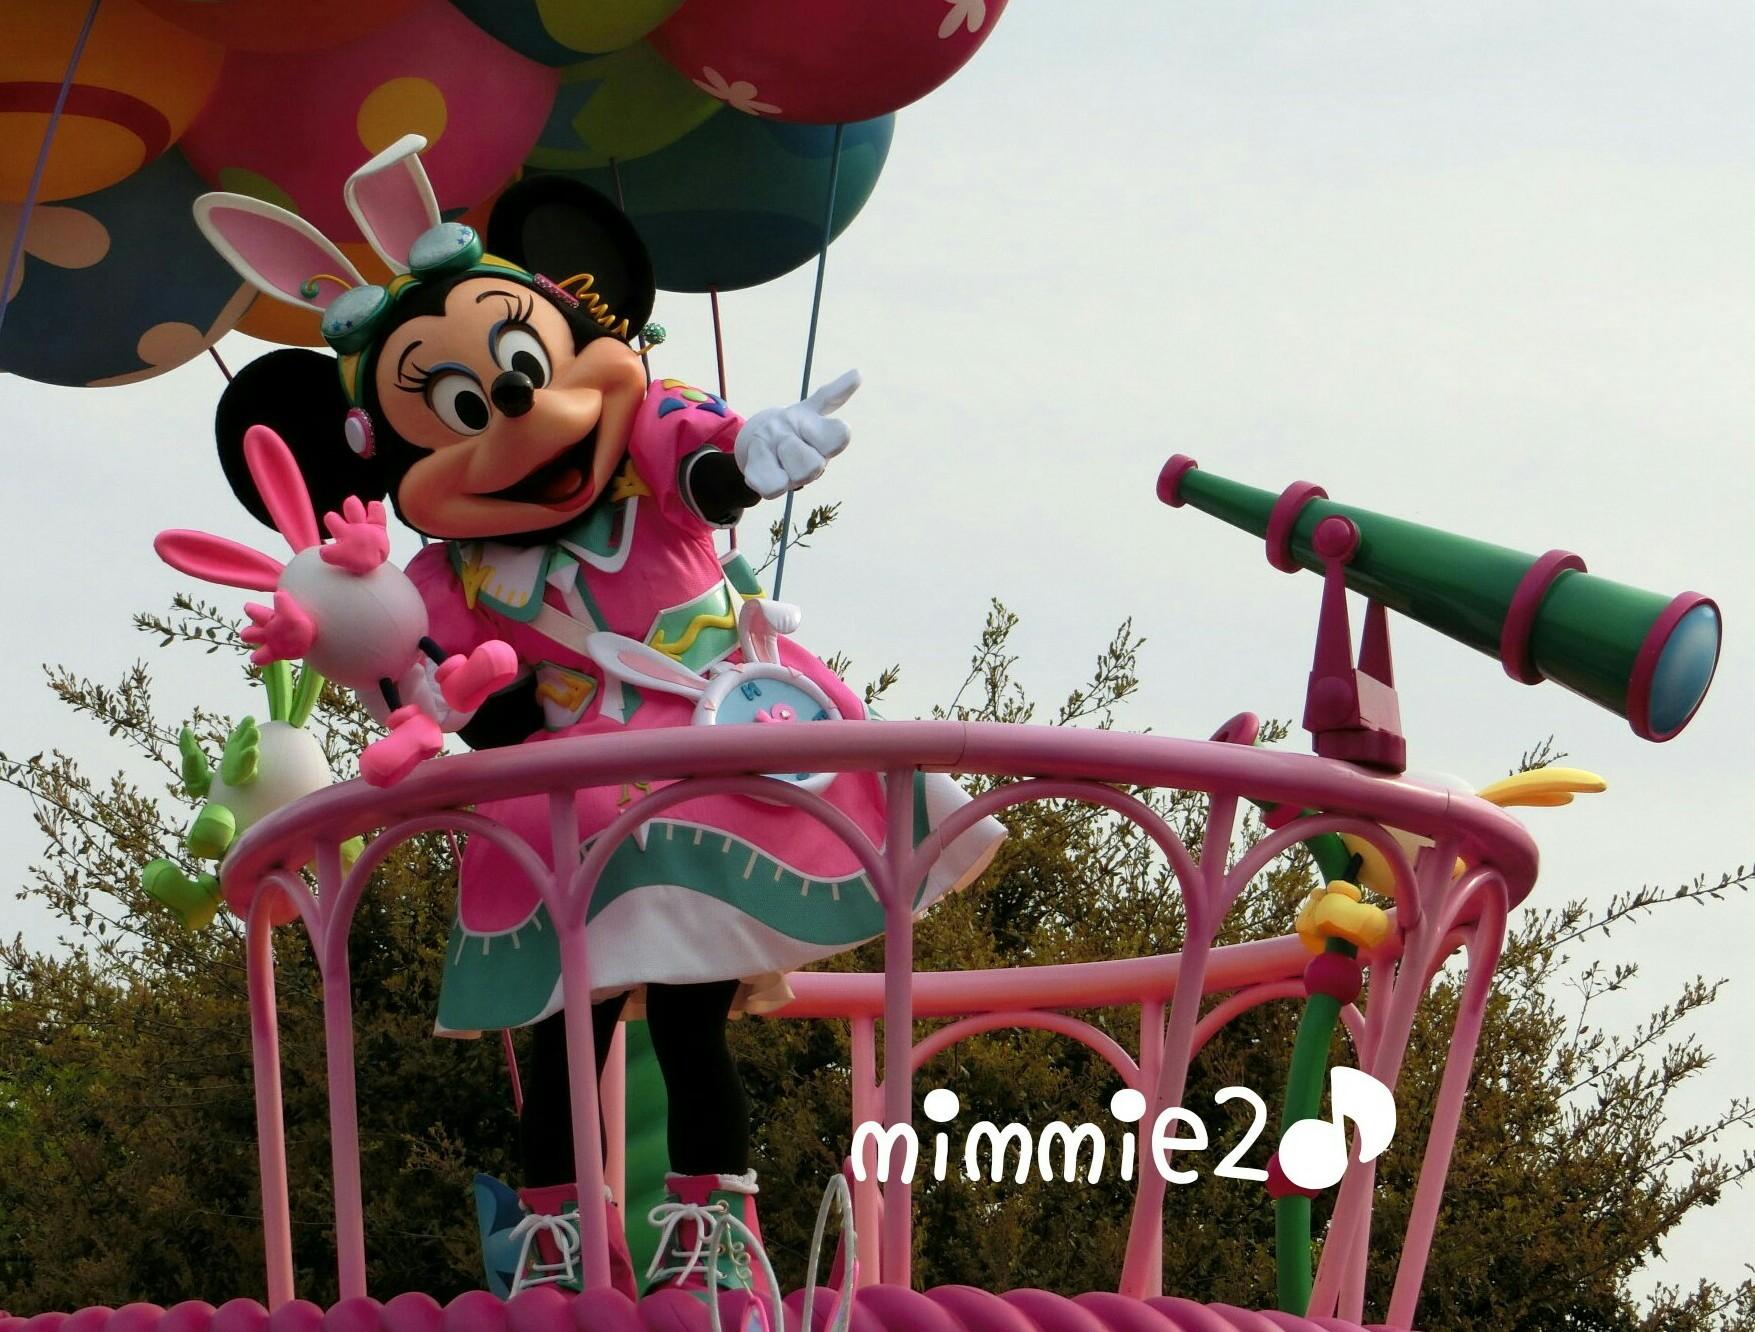 うさたま☆ミニー&うさたまちゃん♪